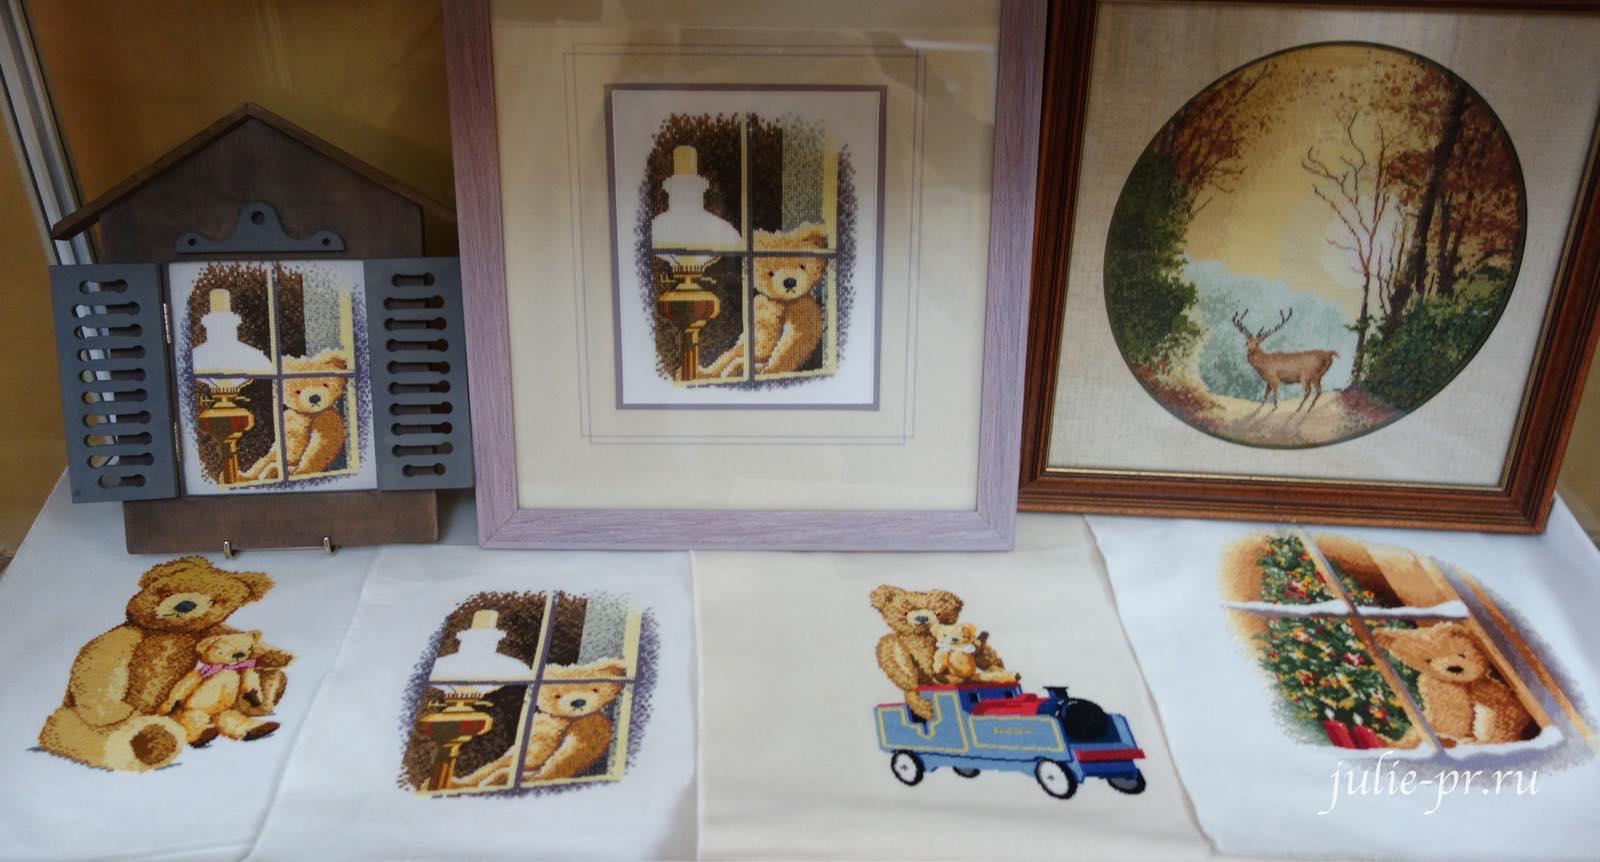 Thread Bears, мишки, вышивка крестом, Heritage, John Clayton, выставка Грани Джона Клейтона